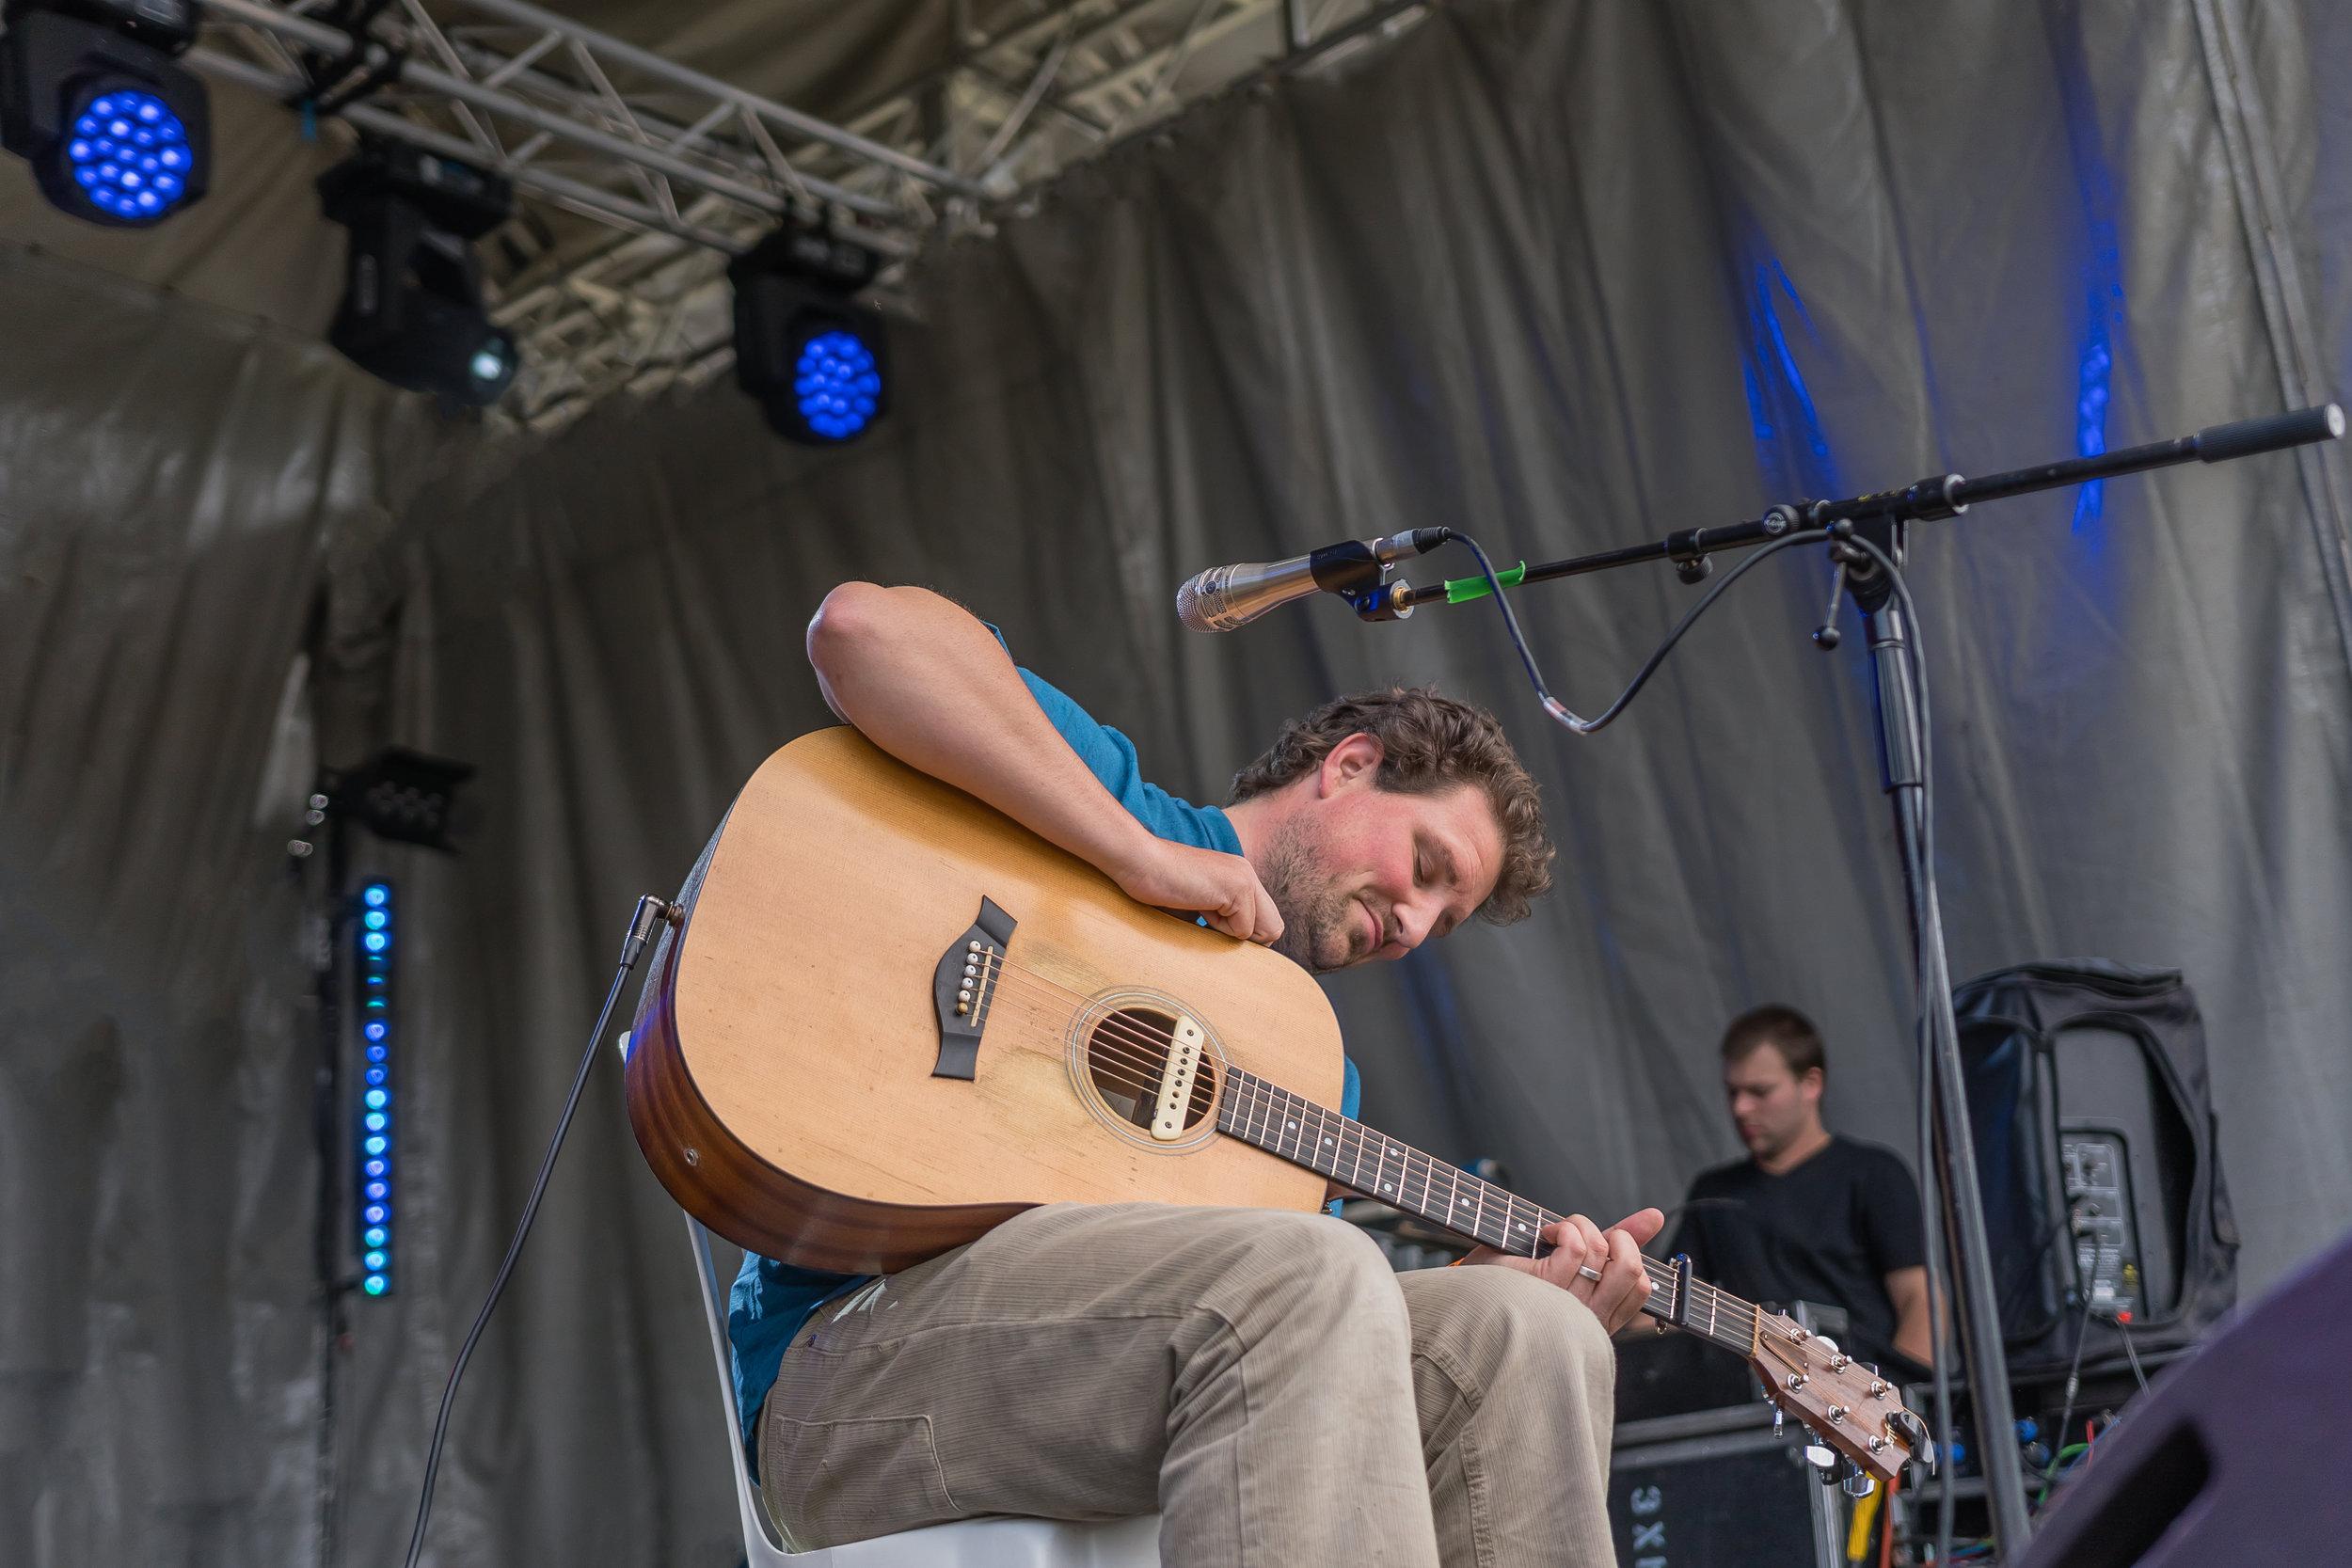 Matt Woosley